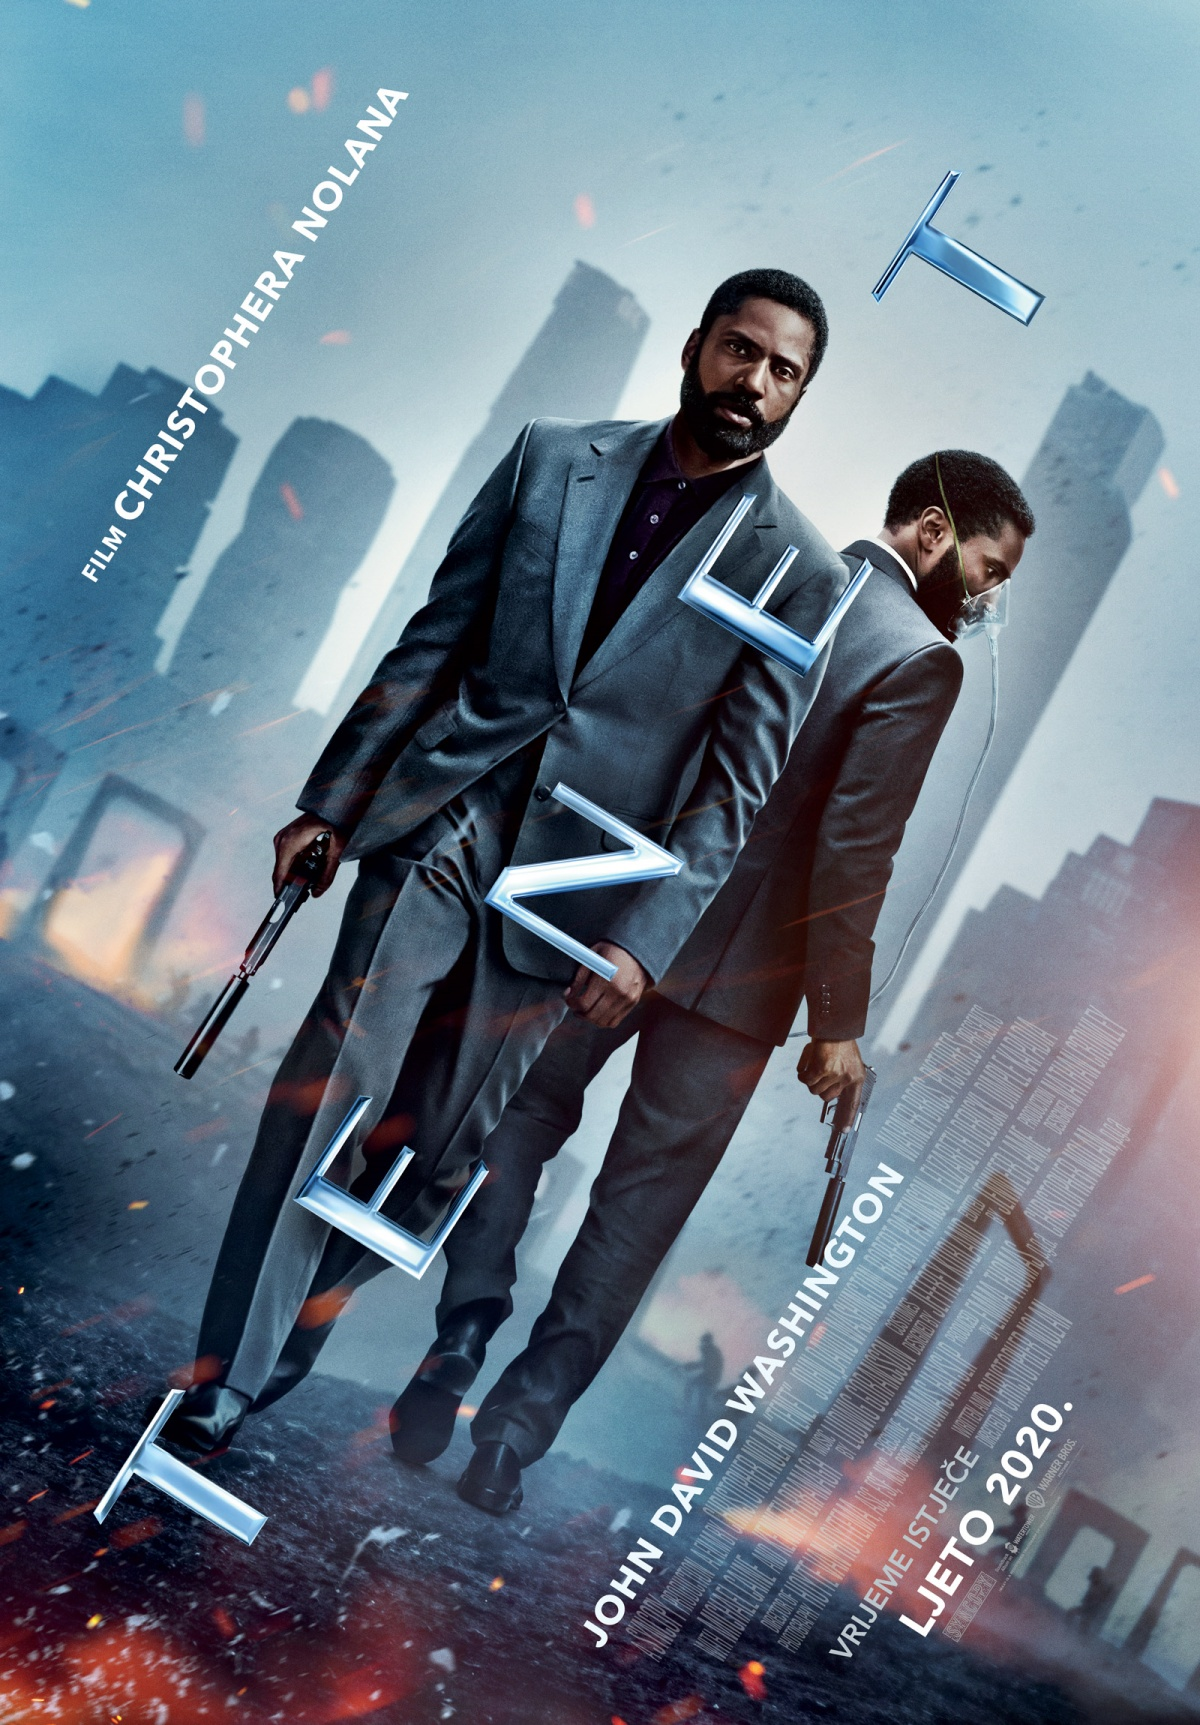 Cinestar kina počinju s radom od četvrtka 20. kolovoza!